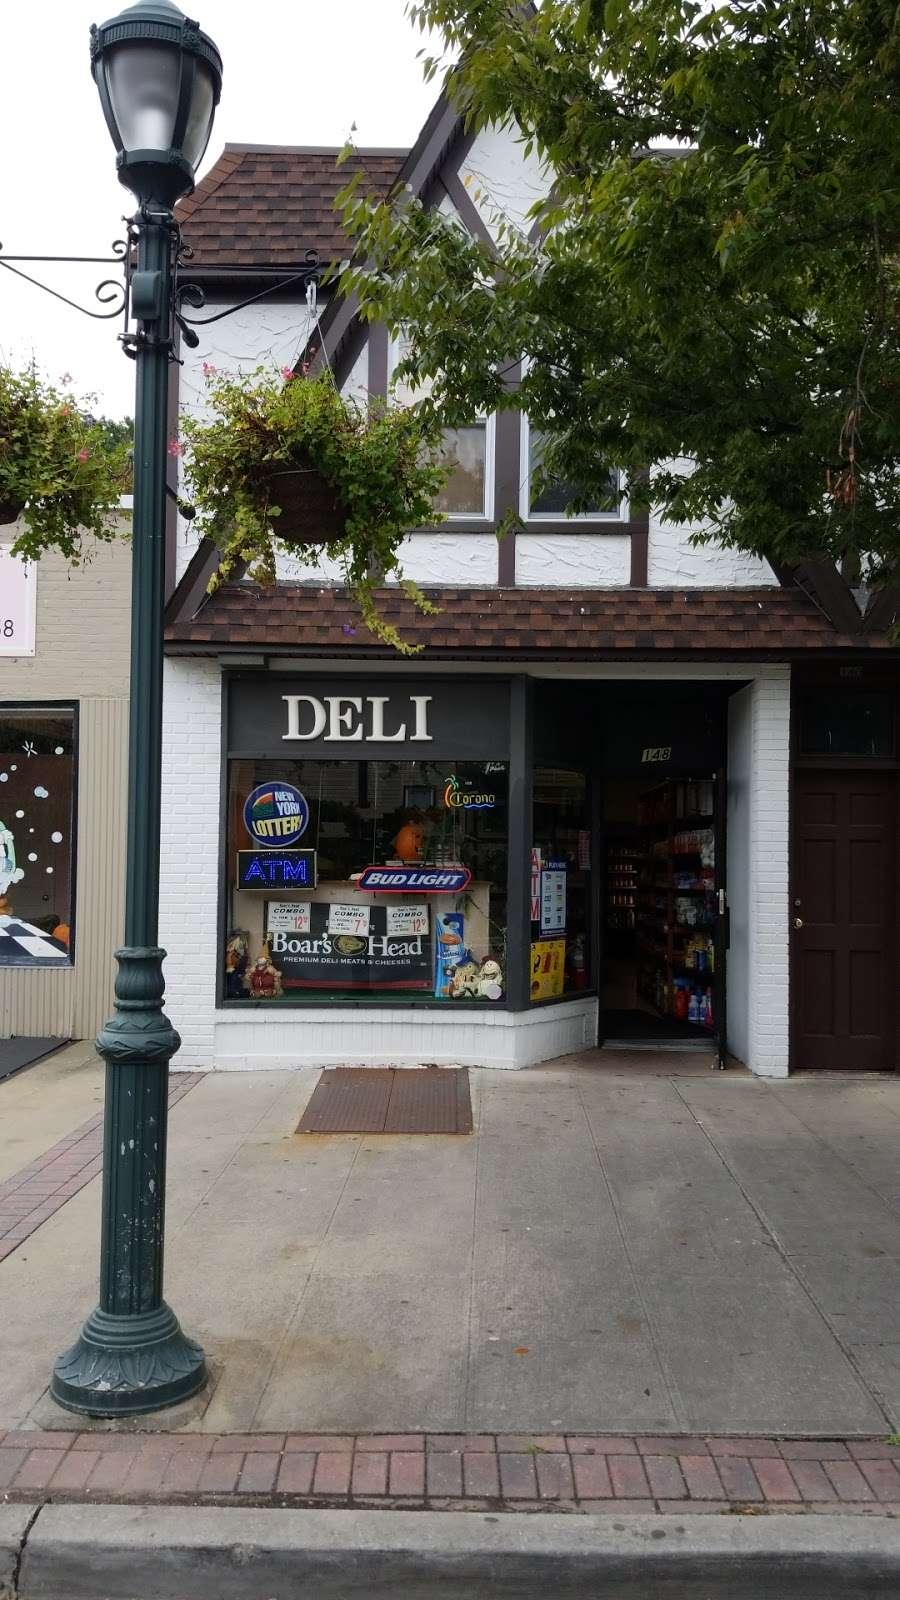 KIMs DELI - store  | Photo 1 of 1 | Address: 148 Hendrickson Ave, Lynbrook, NY 11563, USA | Phone: (516) 599-8618